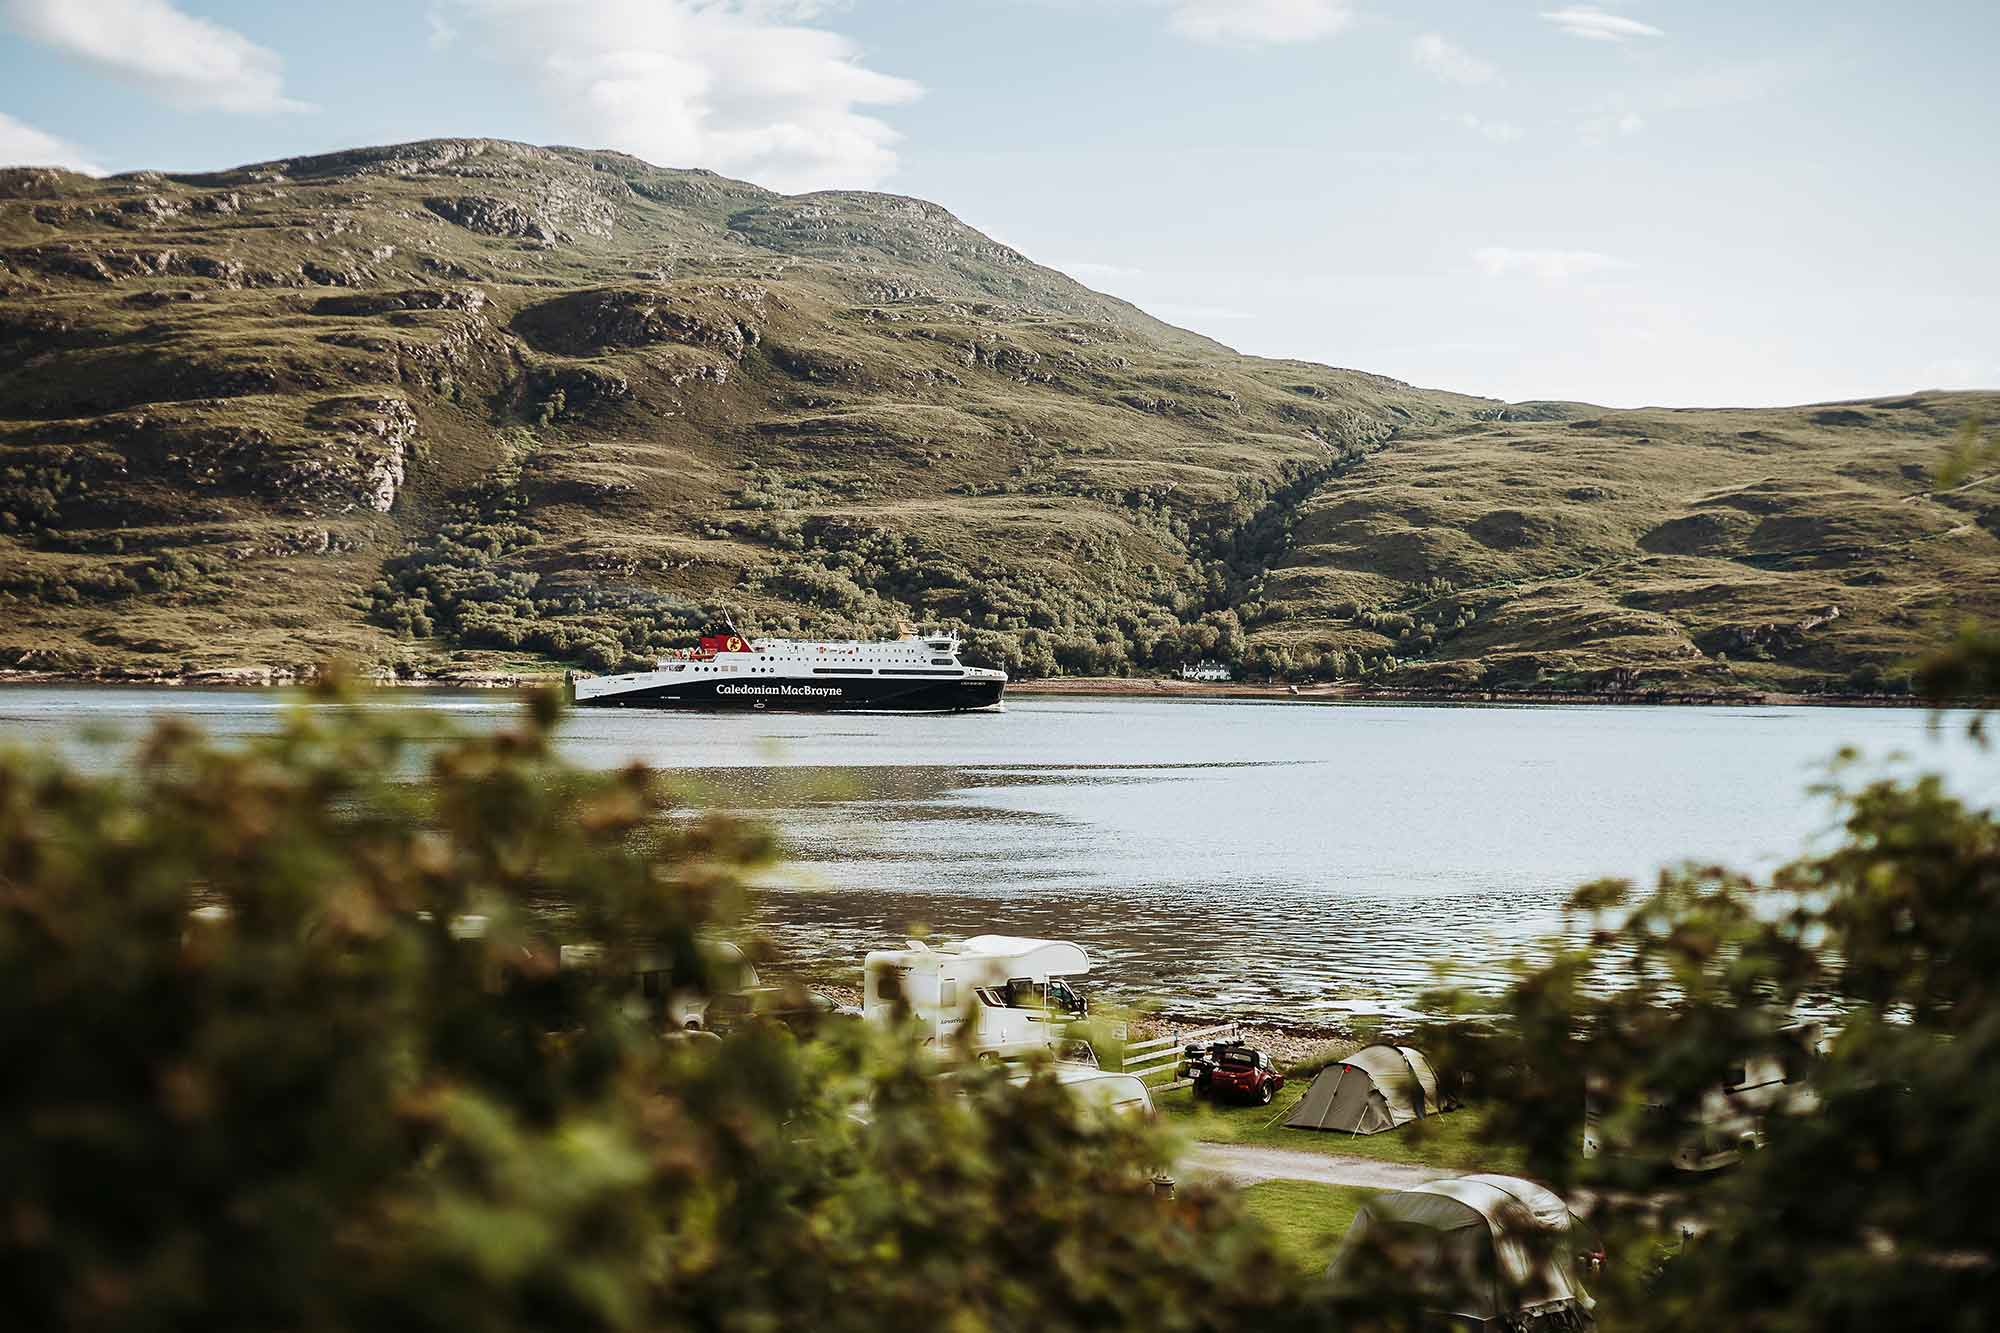 Fähre zu den Äußeren Hebriden in Schottland